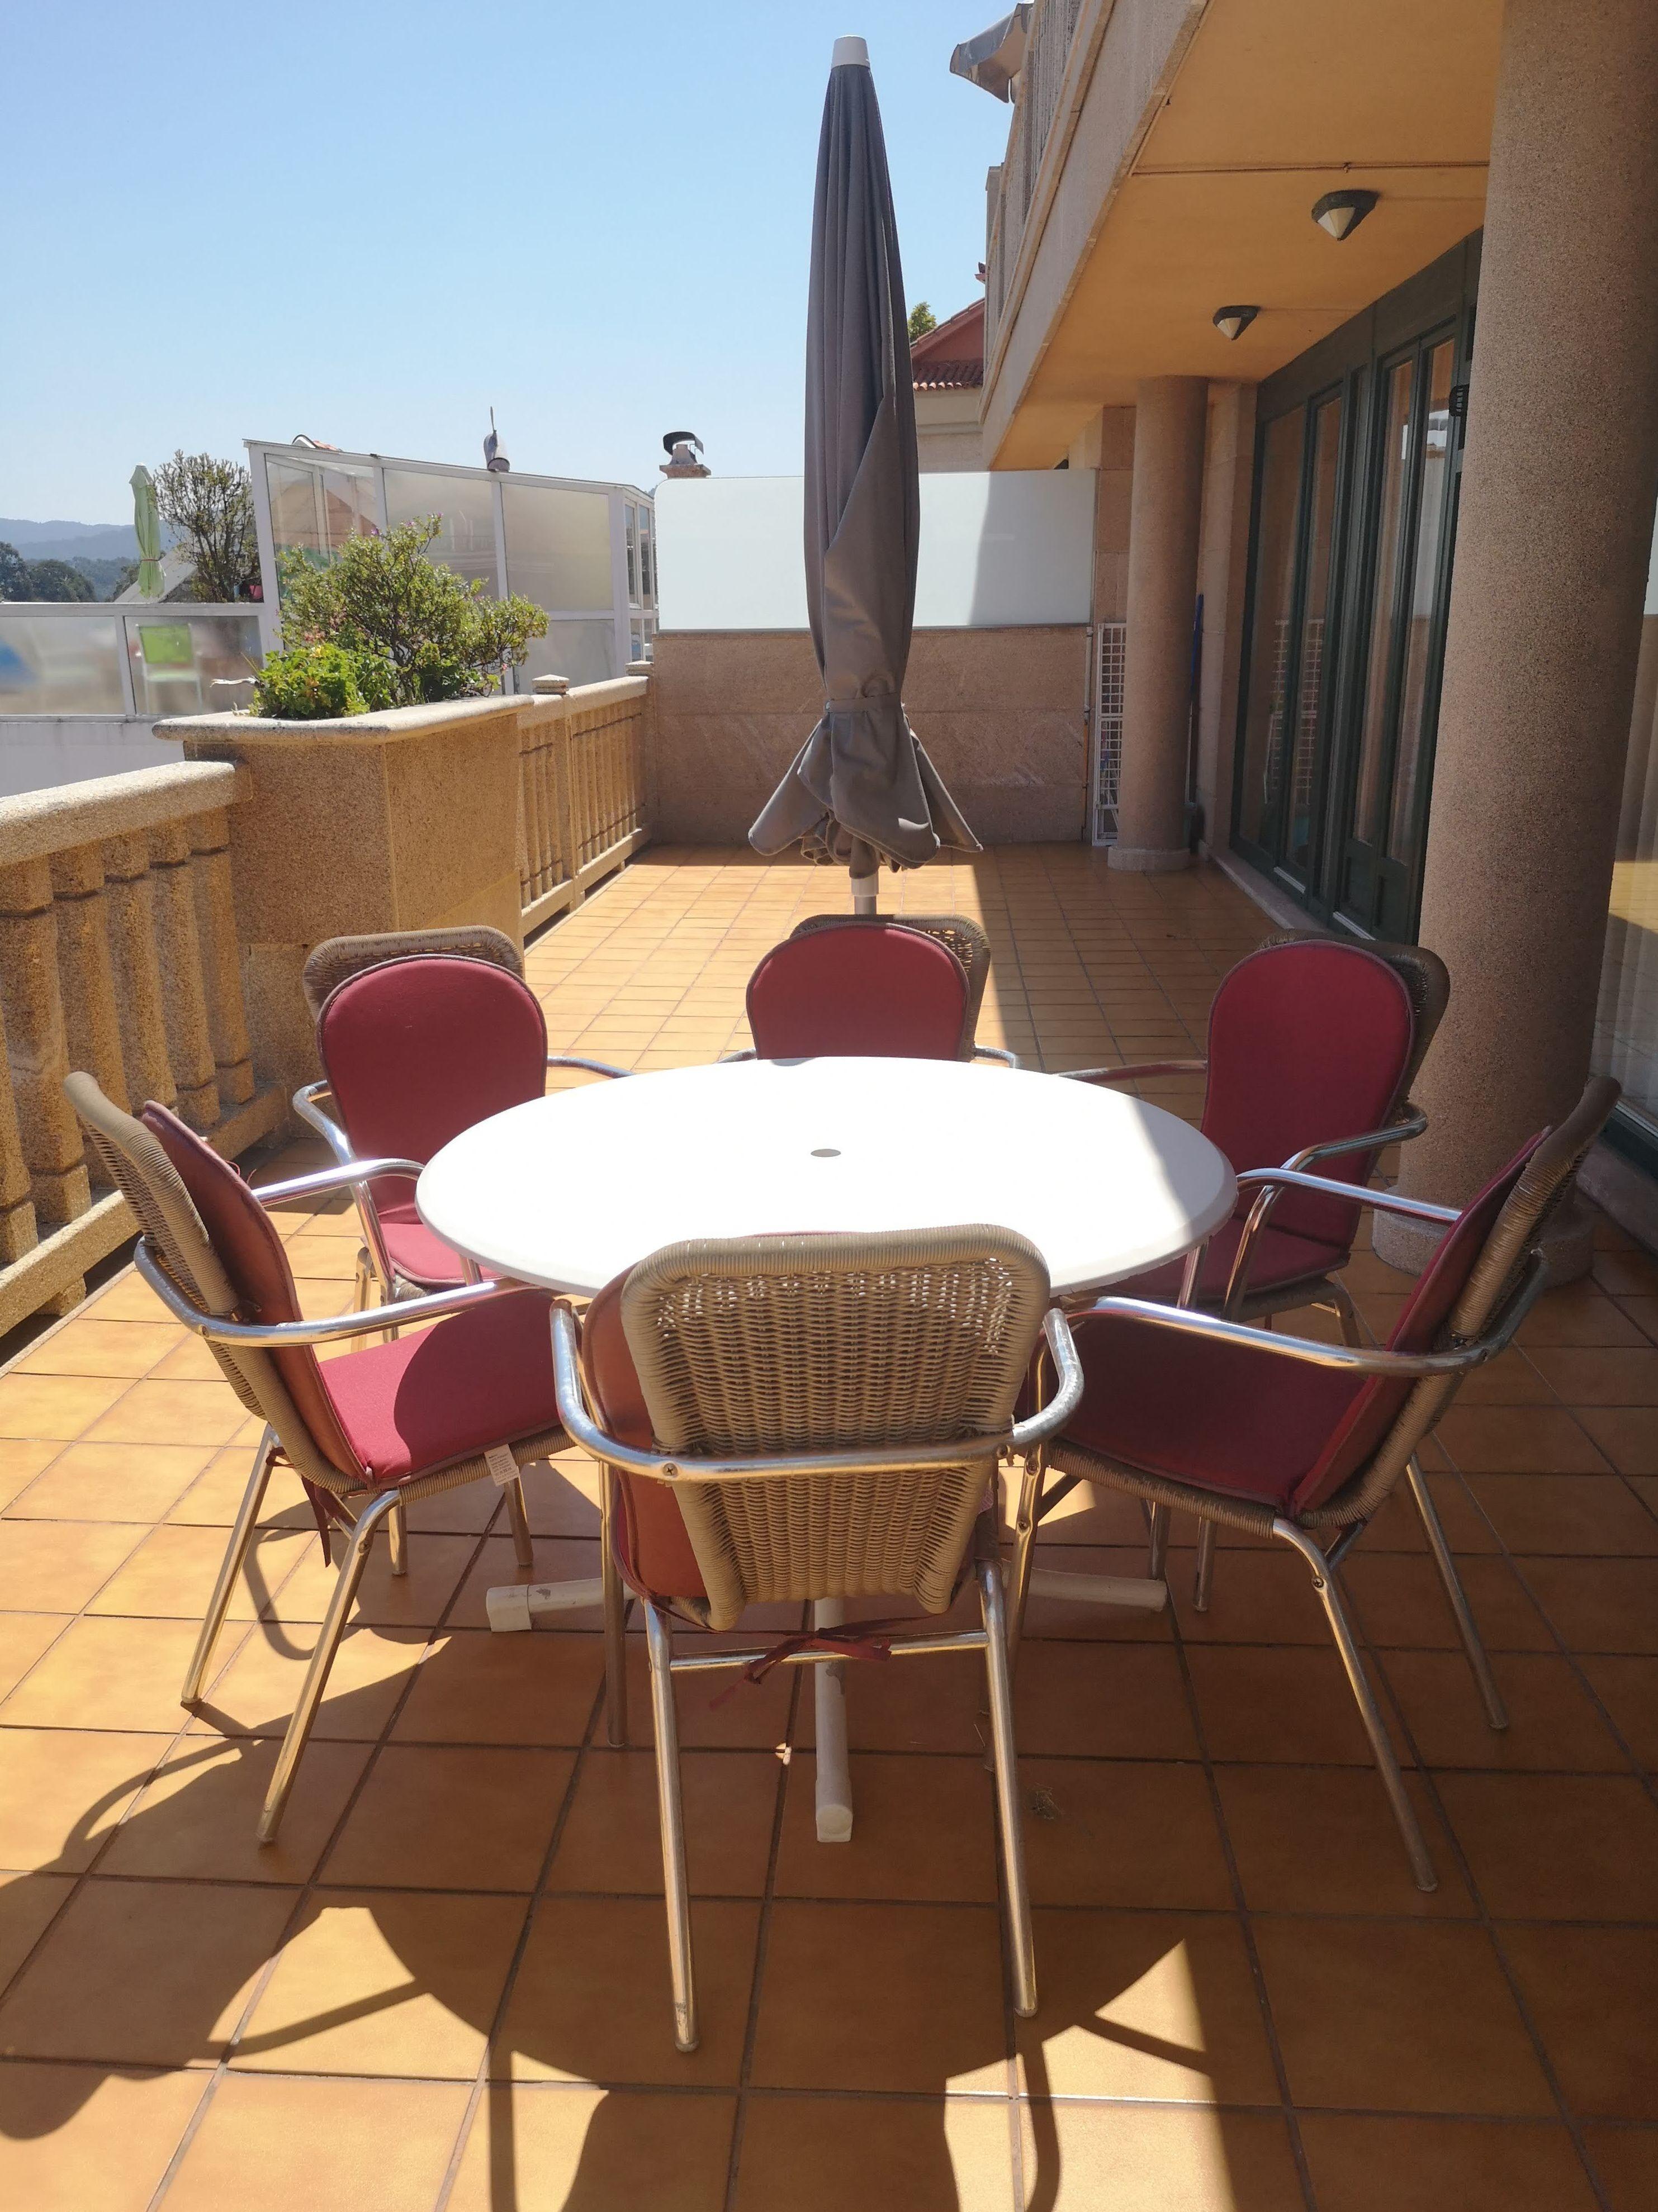 Foto 11 de Apartamentos y casas de alquiler en Bayona | Mirador Ría de Bayona